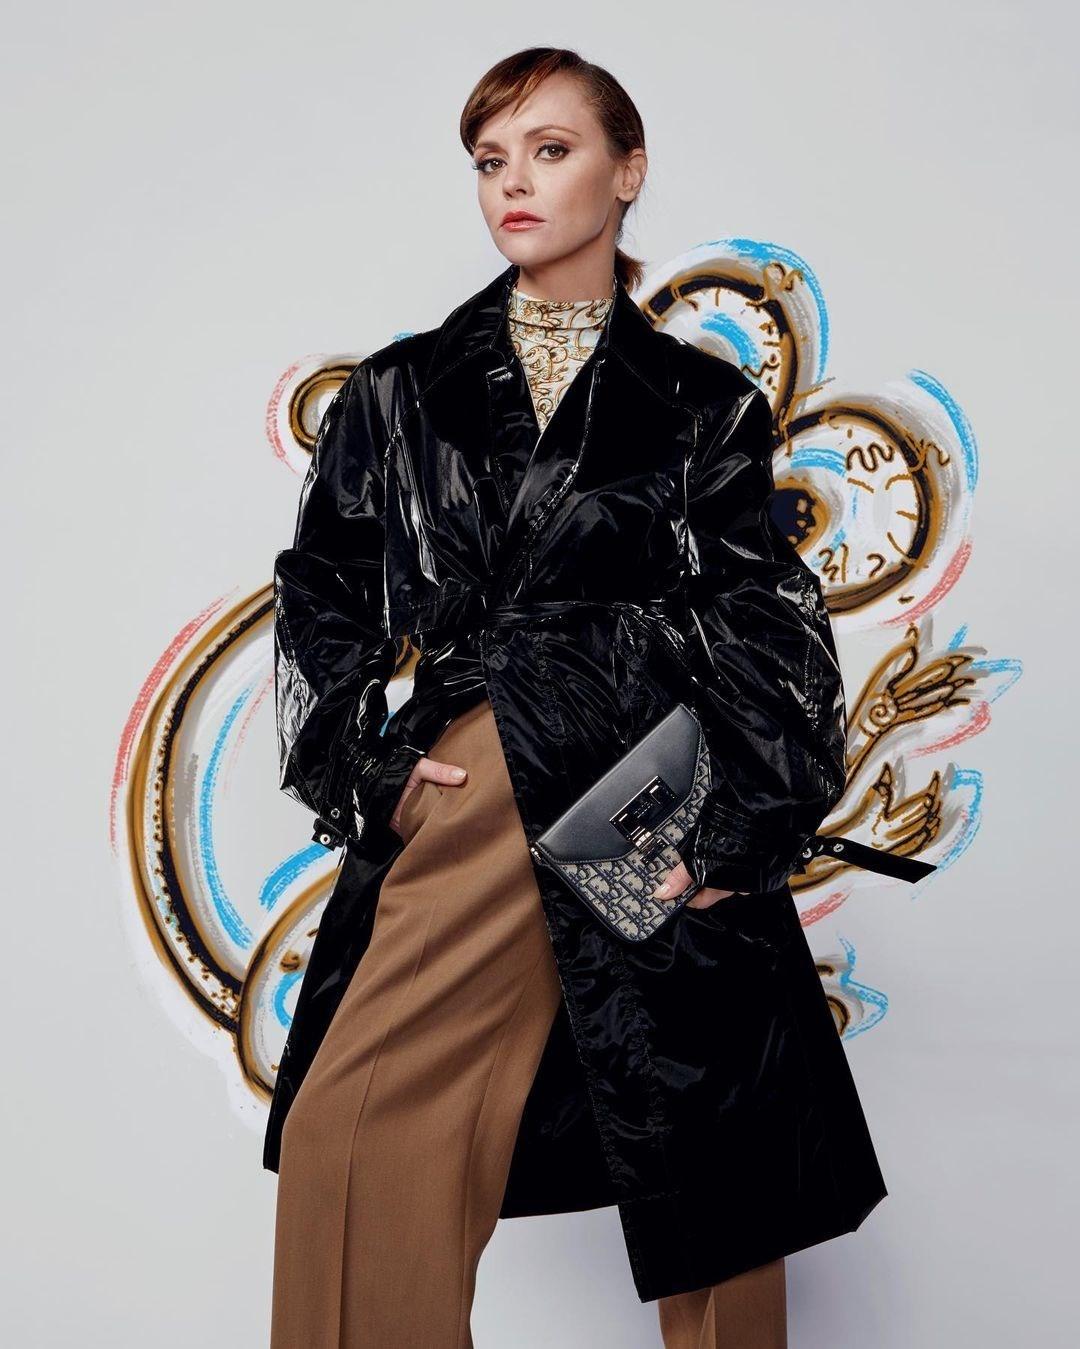 Роберт Паттинсон, Кейт Мосс, Белла Хадид и другие звезды в рекламной кампании Dior Pre-Fall 2021 (ФОТО) - фото №4